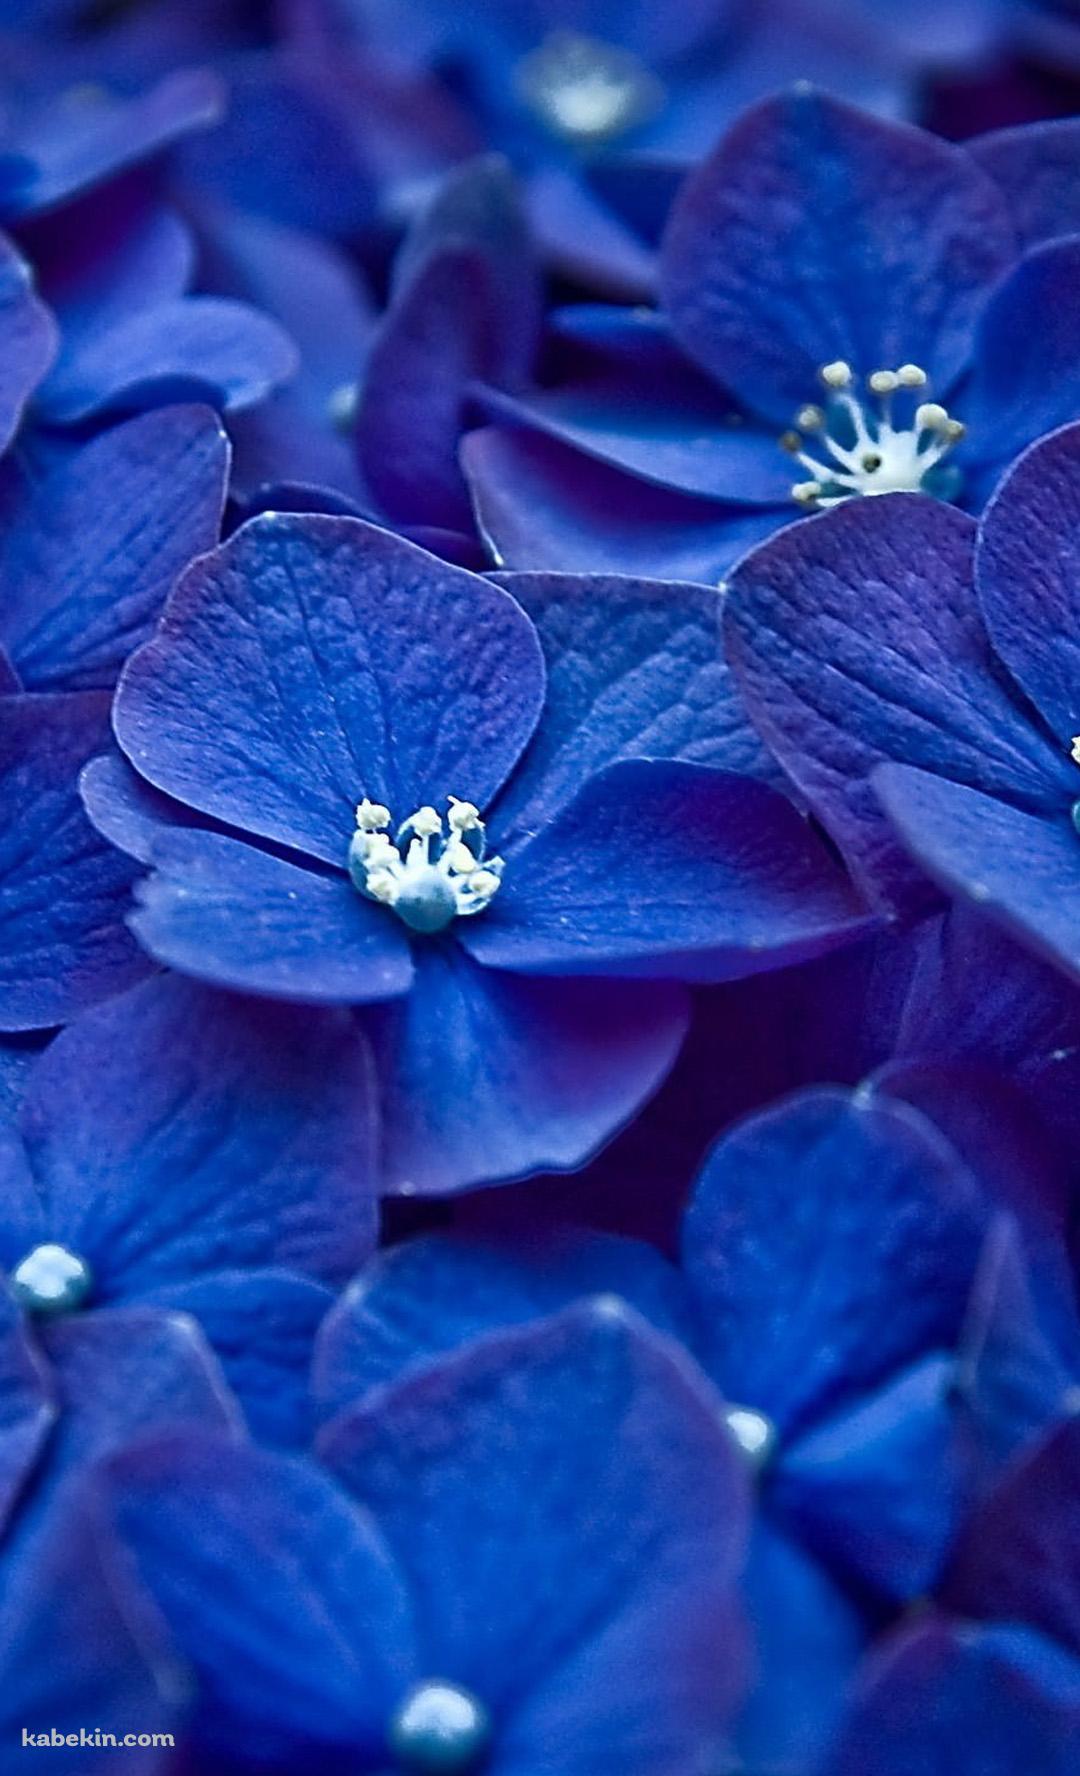 紫 綺麗な花のandroid壁紙 1080 X 1776 壁紙キングダム スマホ版